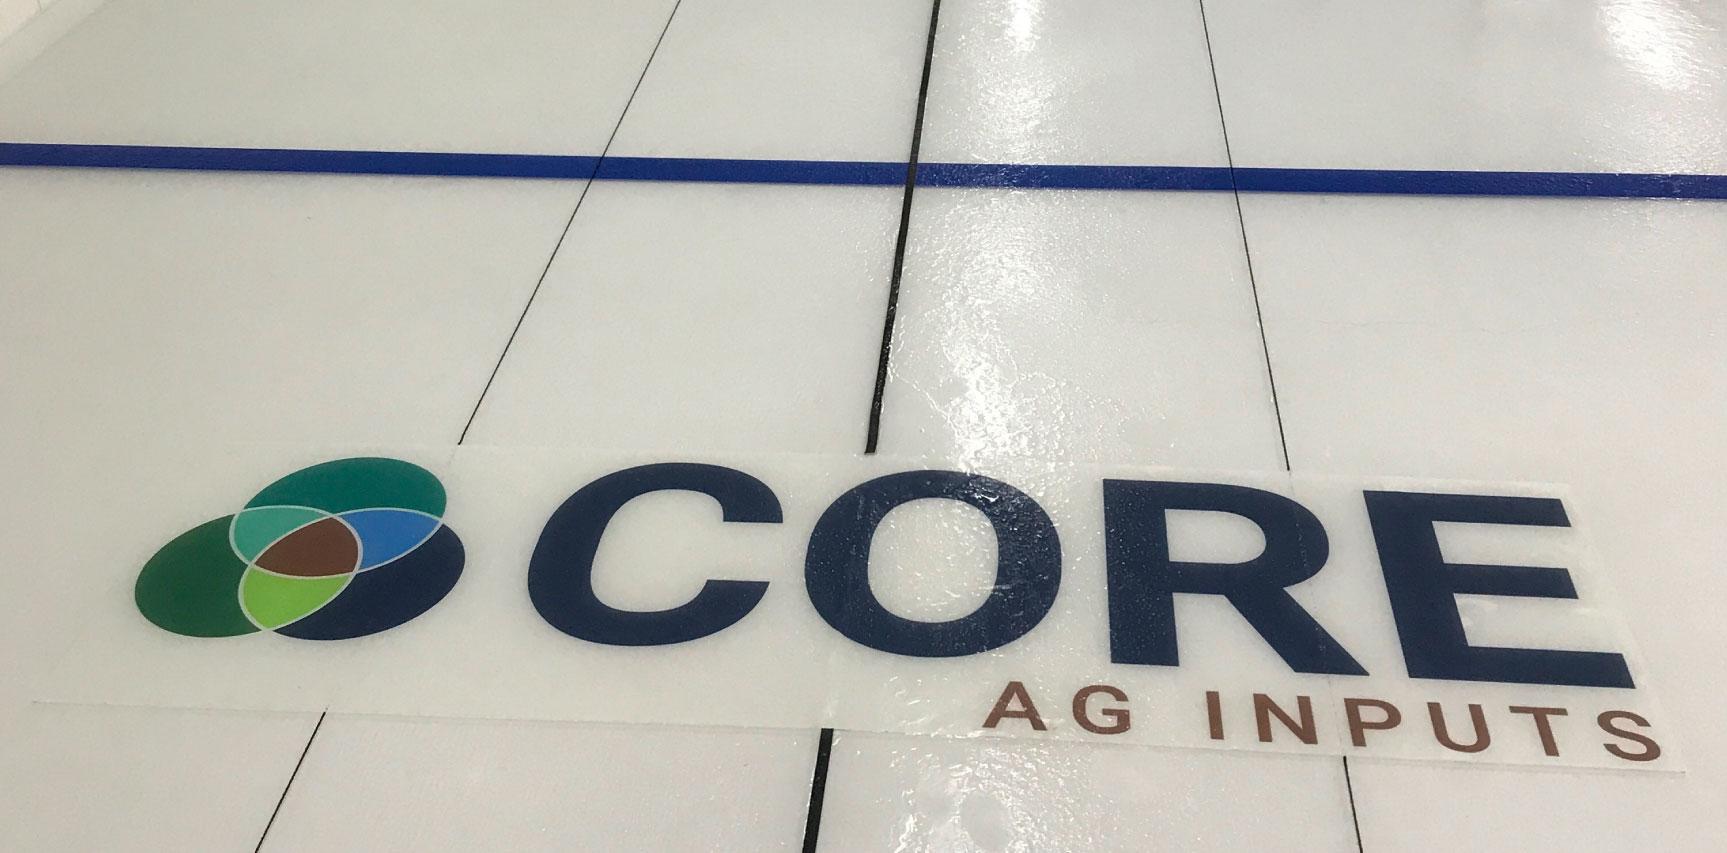 Carstairs-Curling.jpg